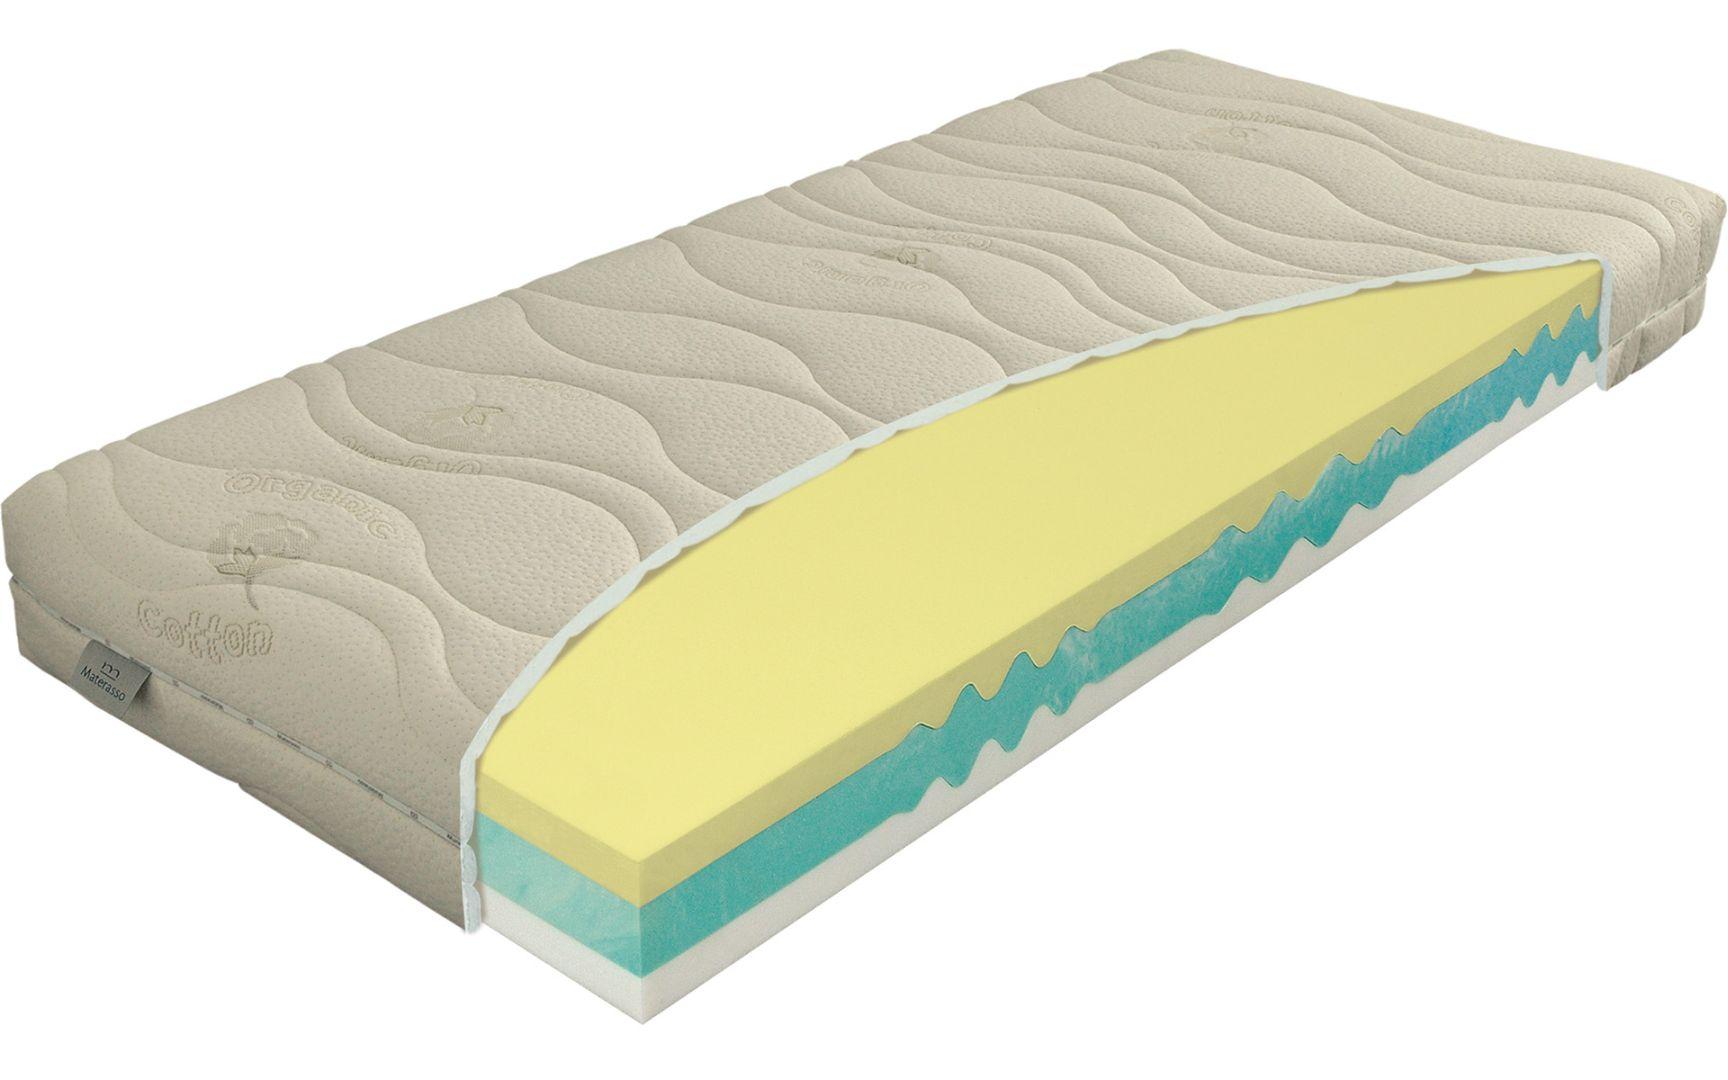 Materasso Body Shape Elite.Mattress Sultan Termopur Materasso